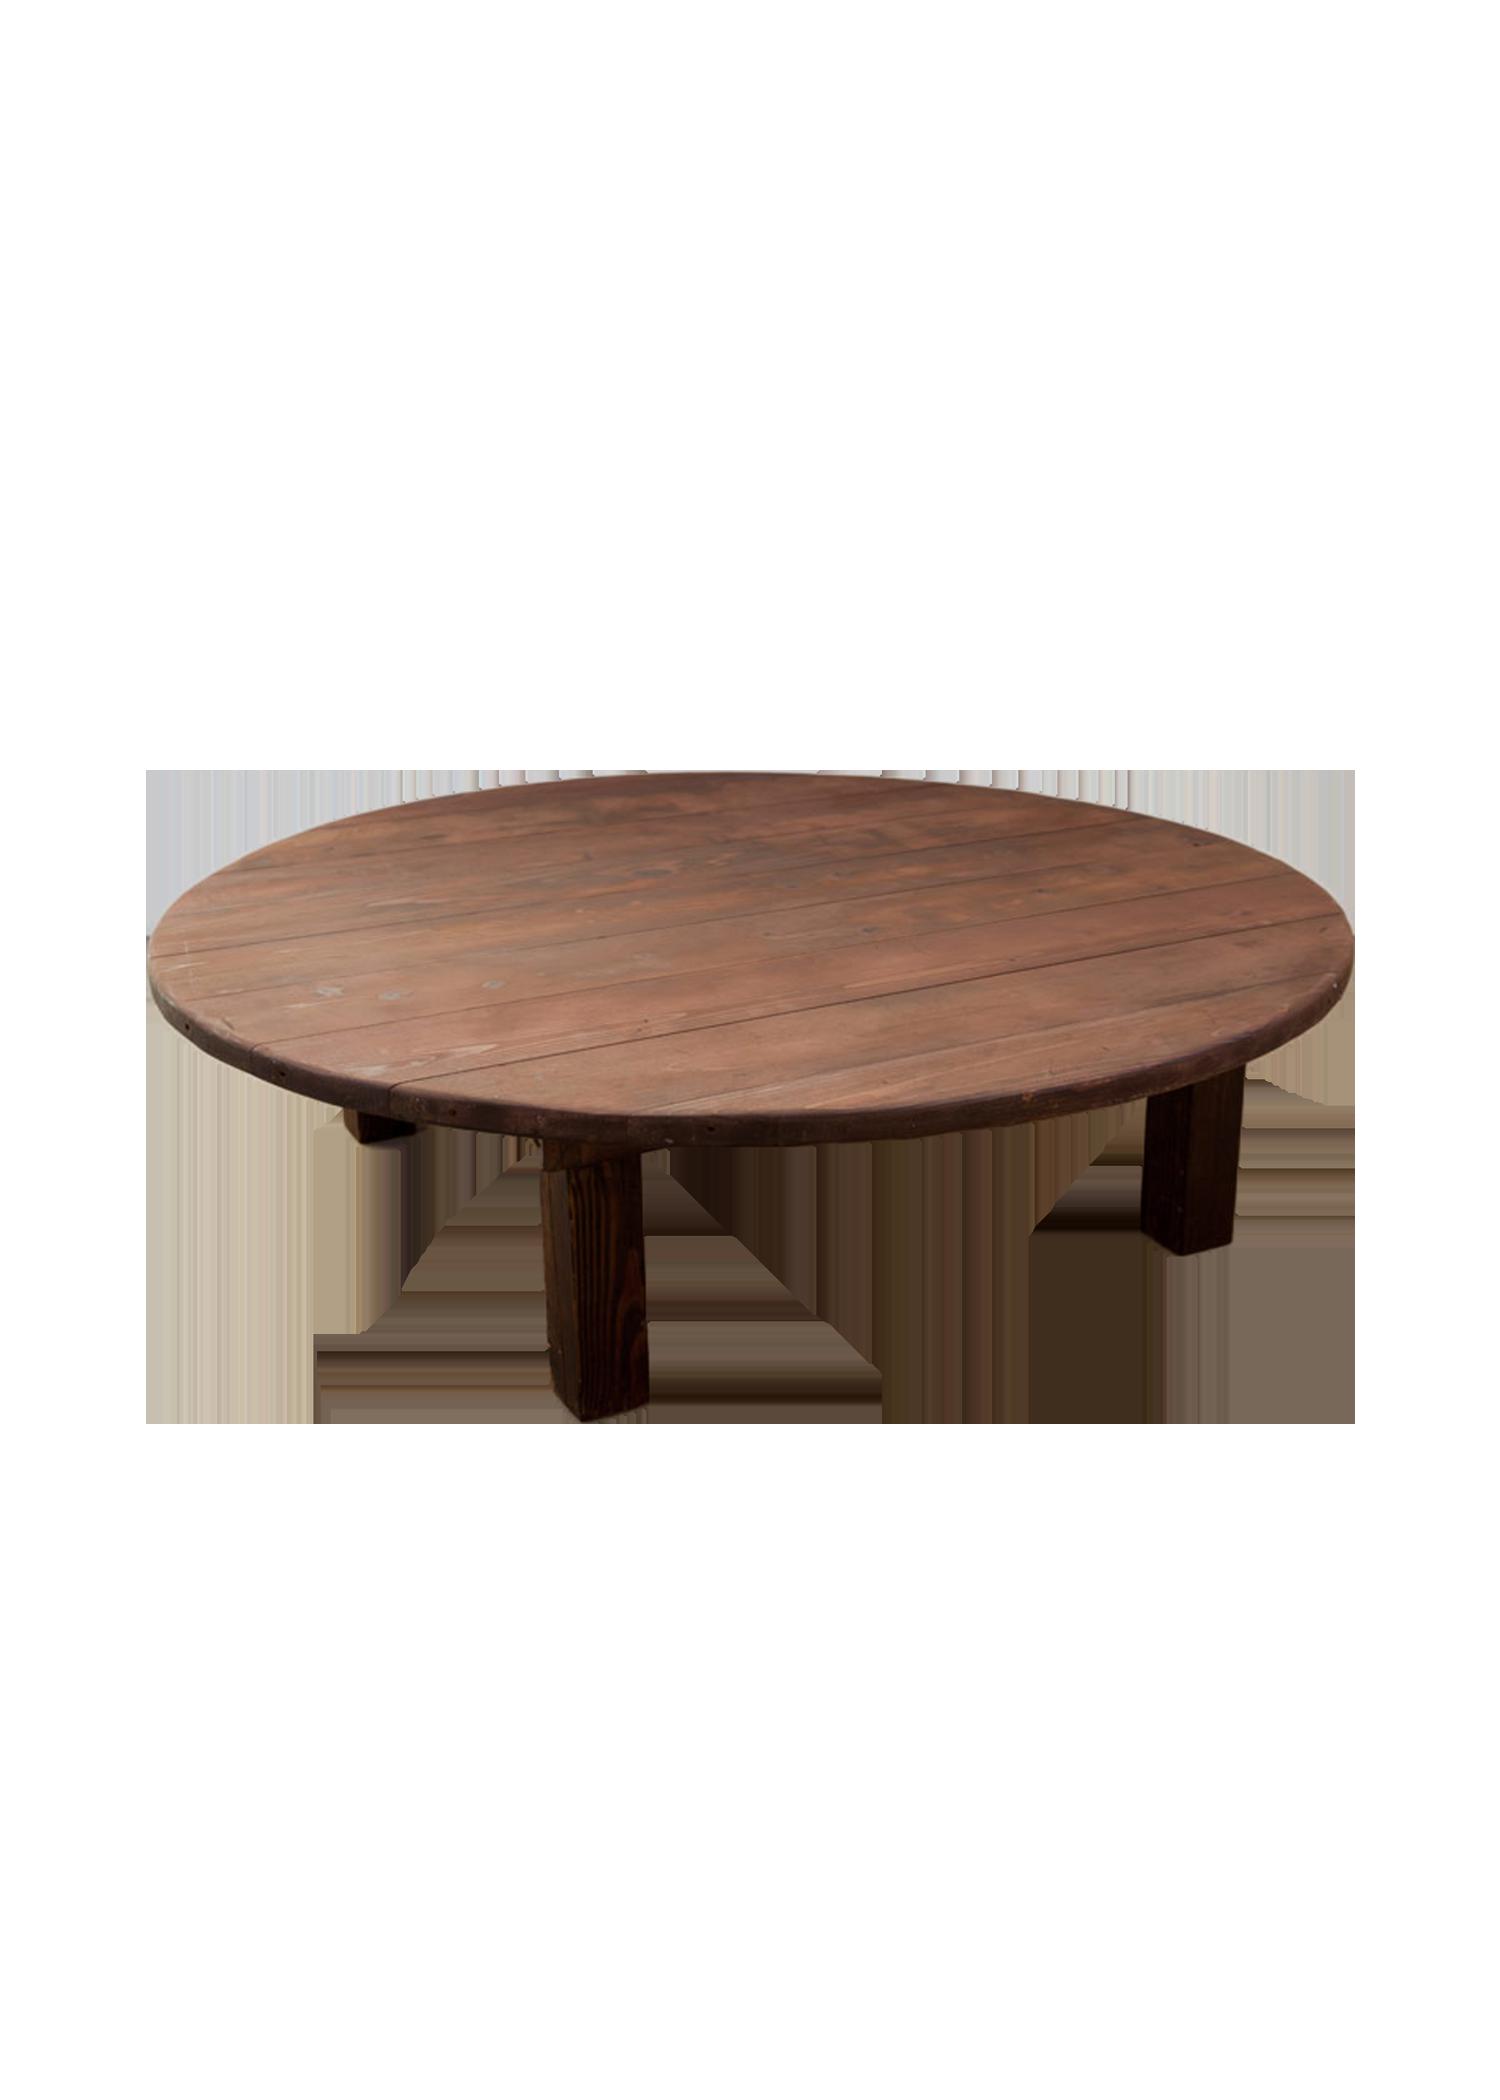 Mahogany 60in Round Boho Table